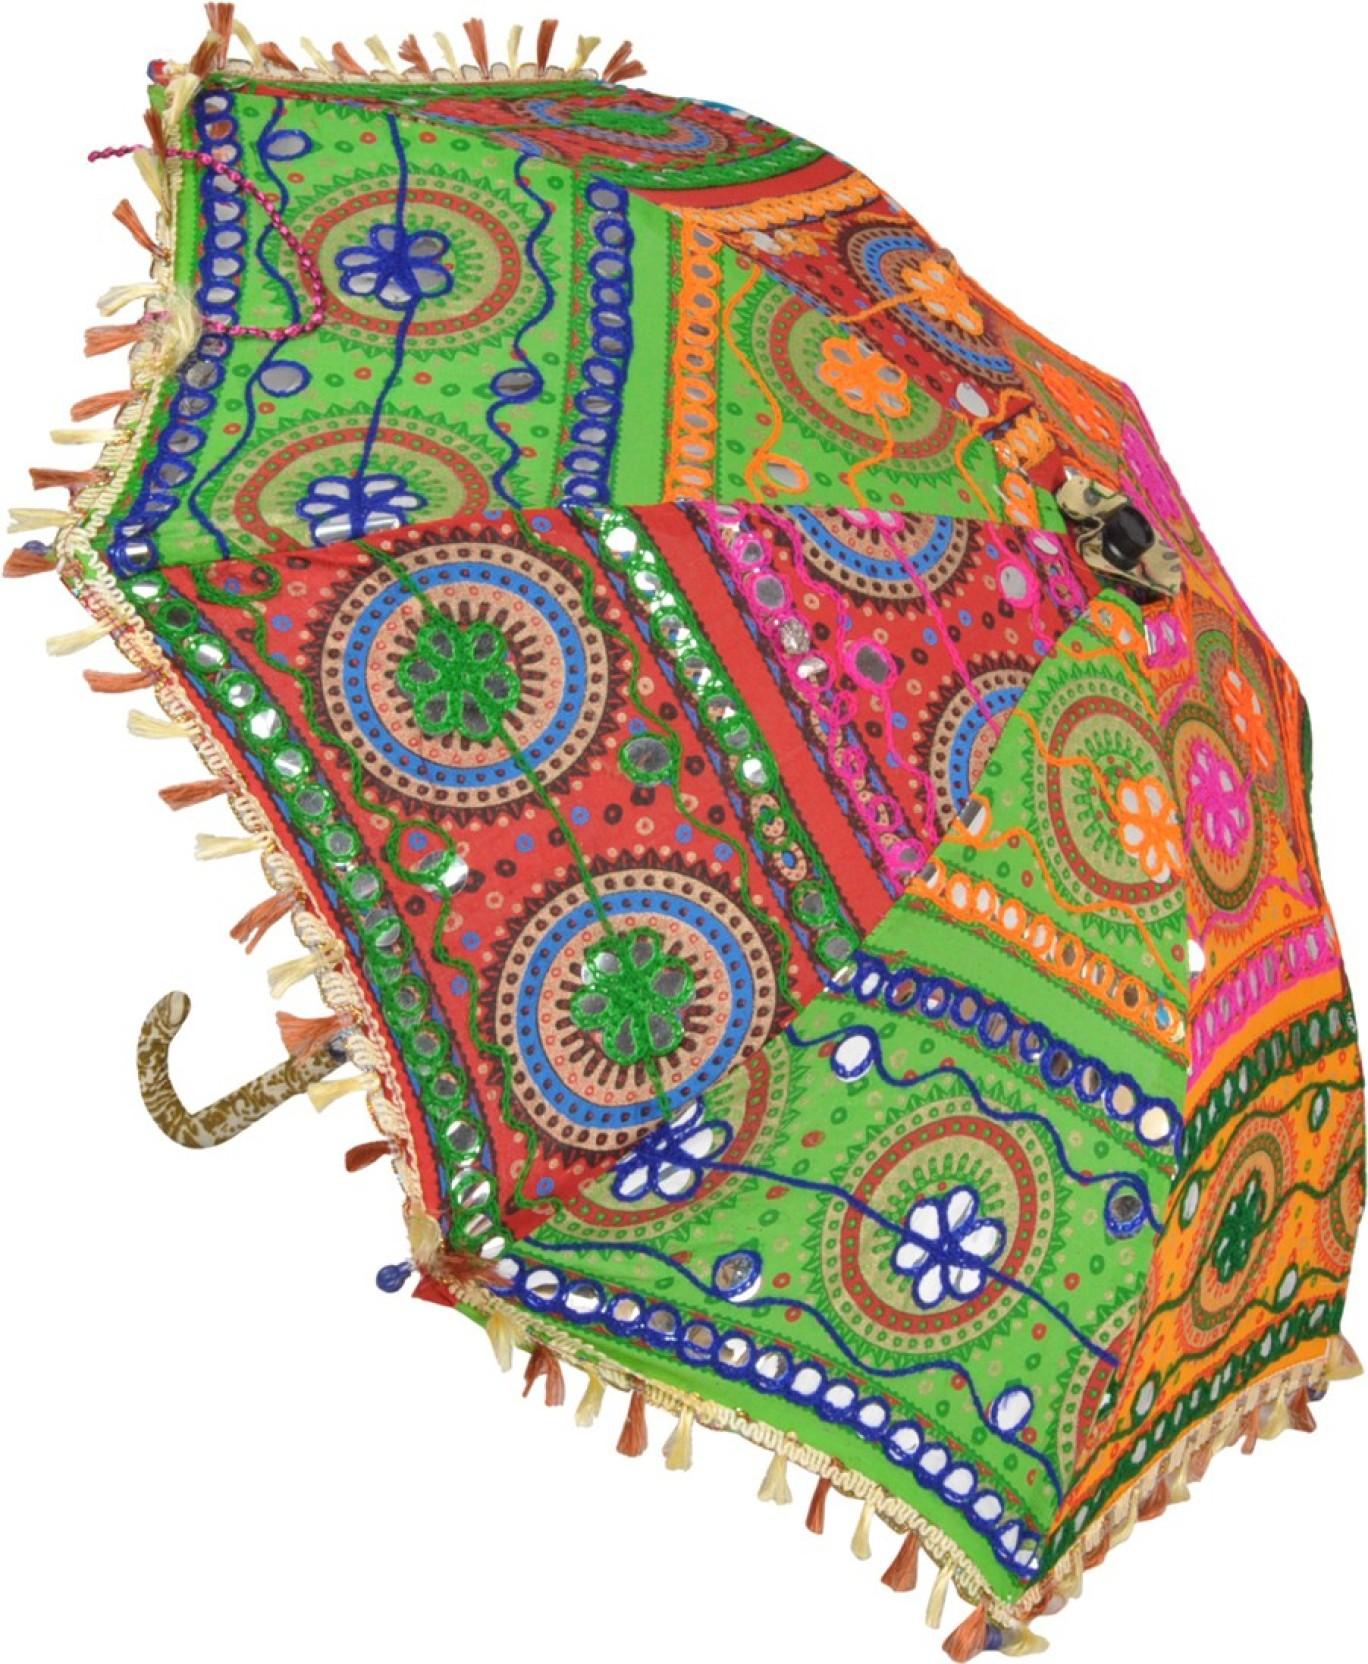 f71e2ea8e1075 Lal Haveli Cotton Embroidered Mini Umbrella - Buy Lal Haveli Cotton ...